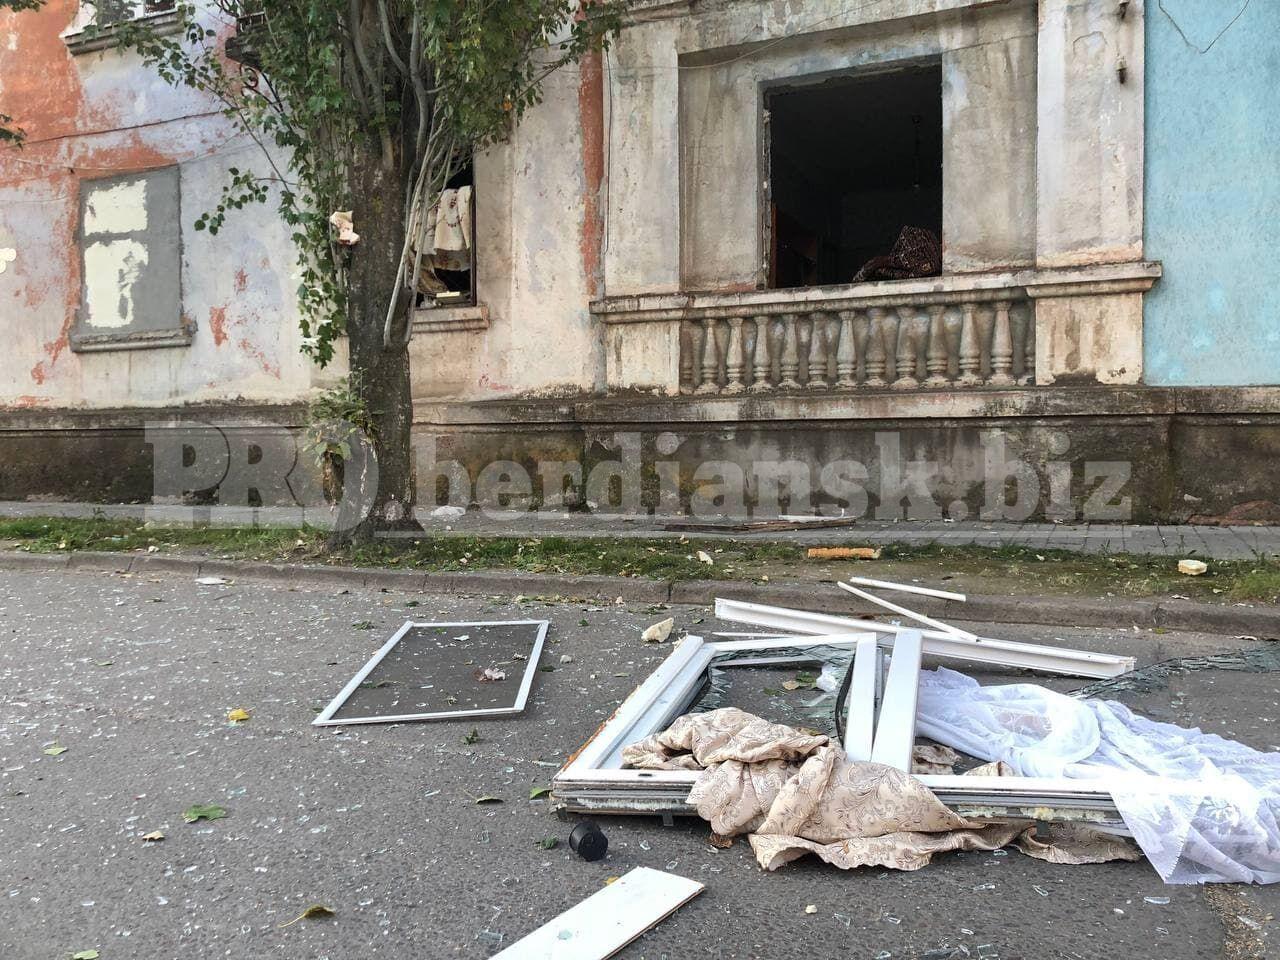 Взрывом выбило окна и двери квартиры.